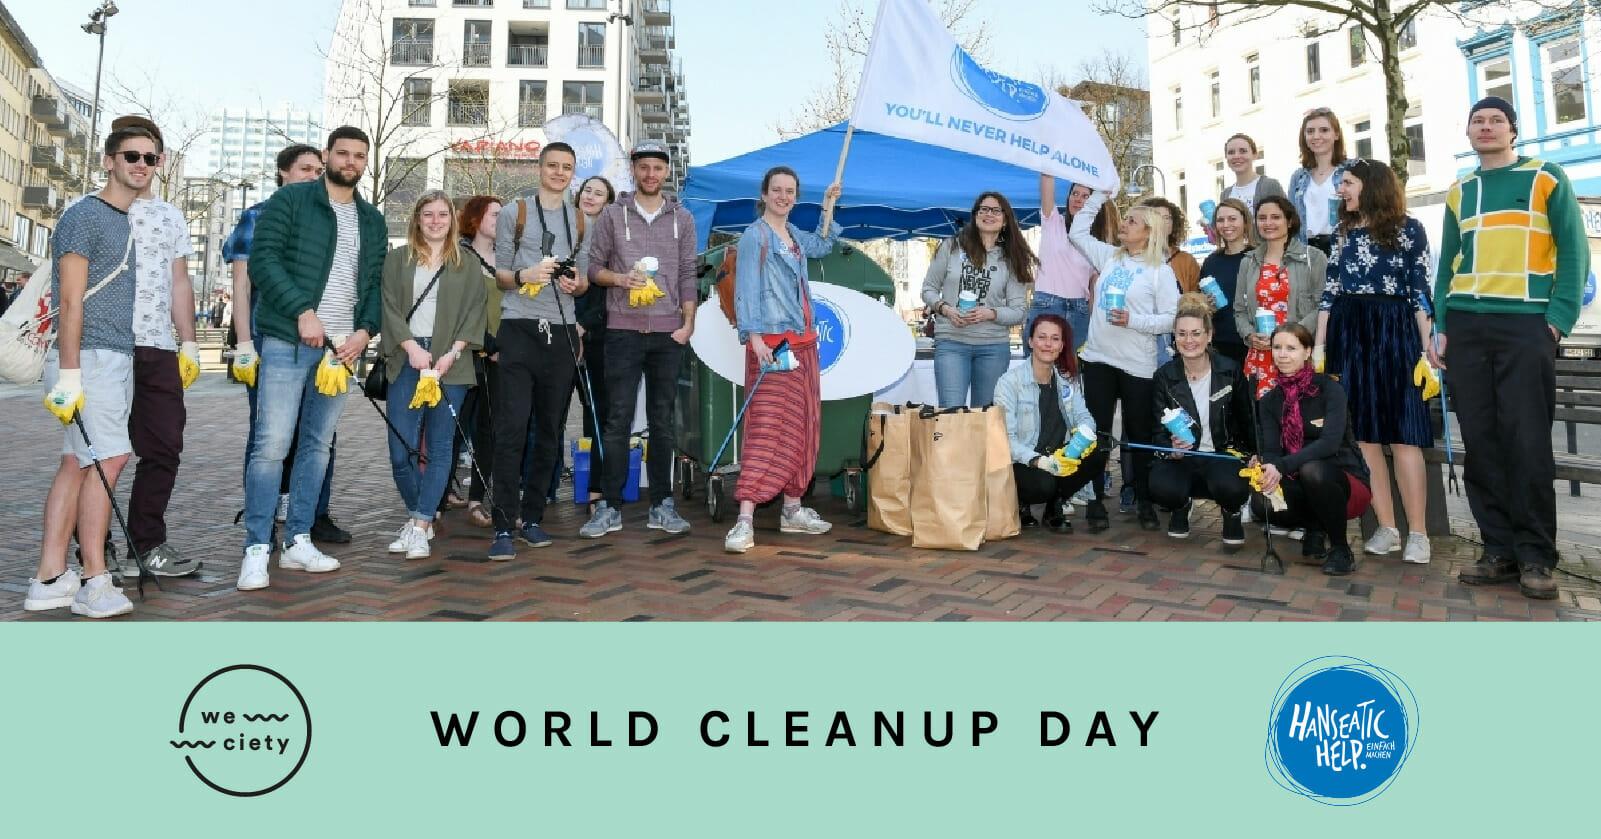 Hanseatic Cleanup mit weciety #worldcleanupday (Hamburg)